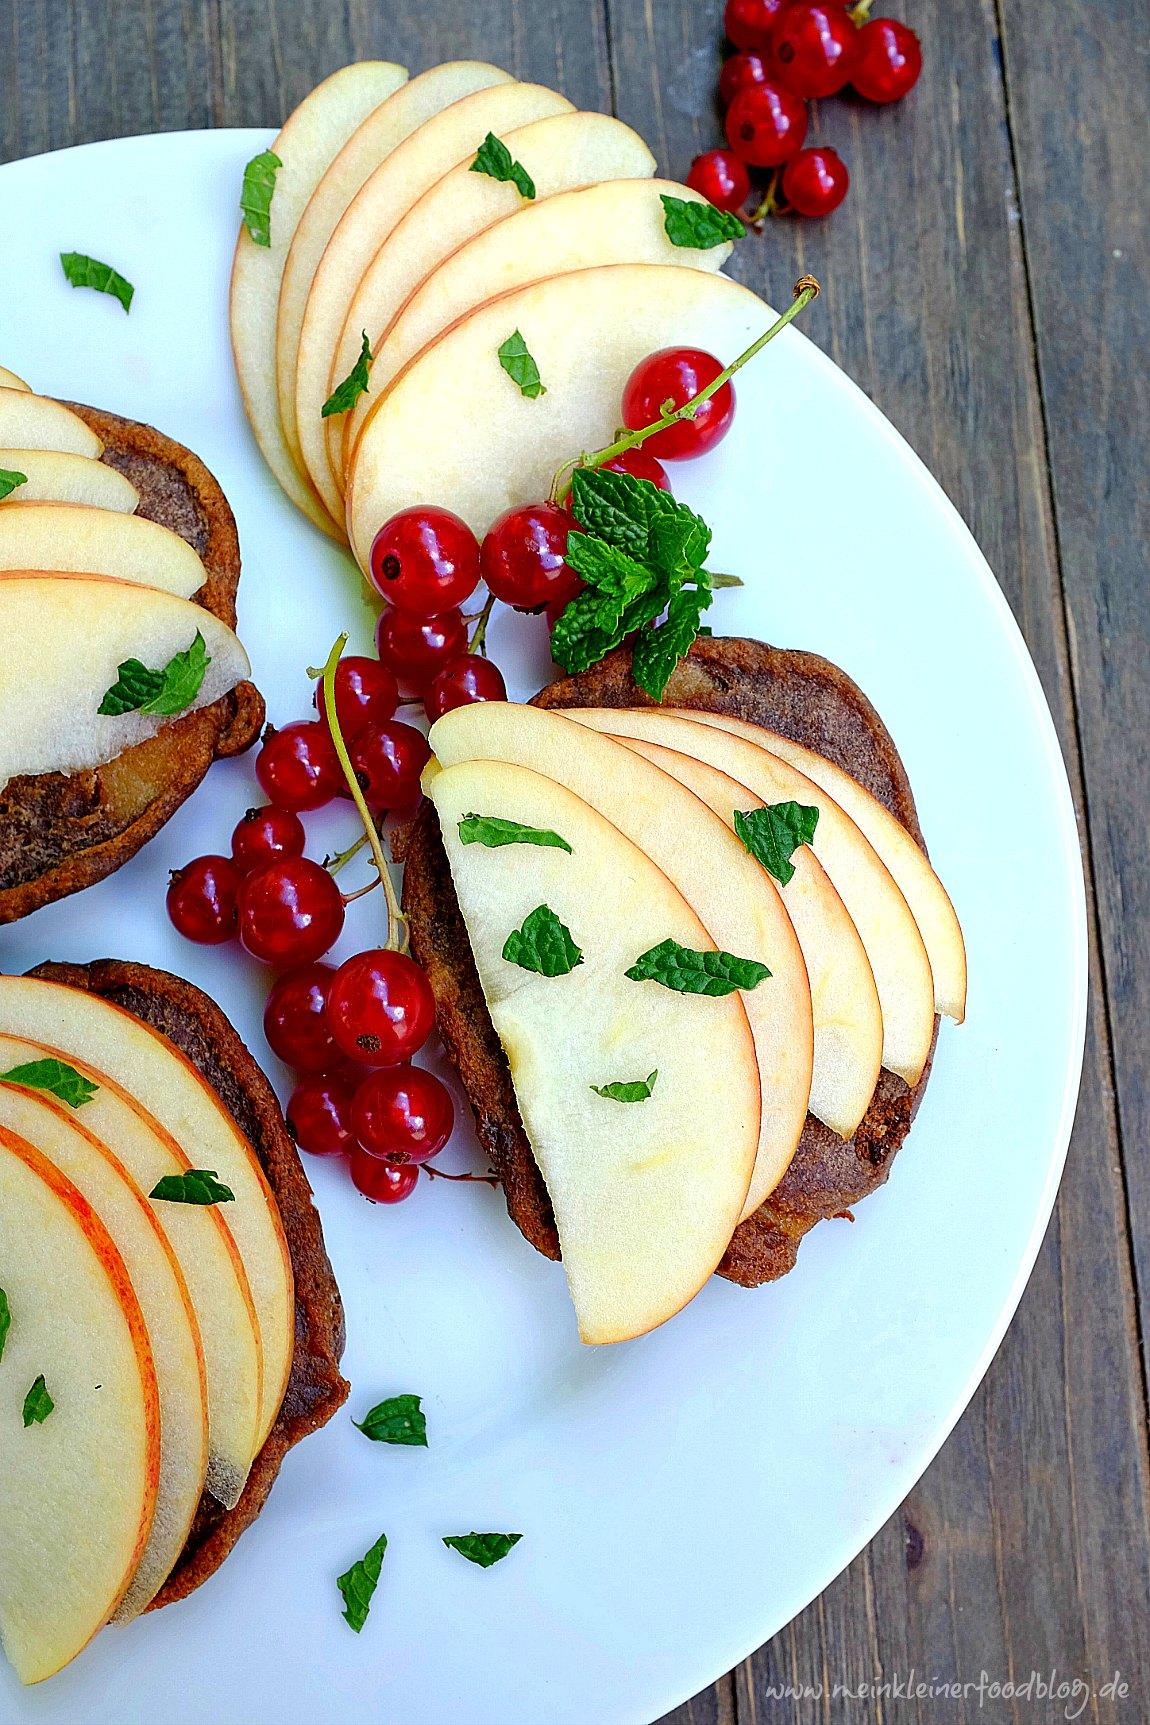 Schoko-Apfelküchlein schmecken wunderbar schokoladig und sind ein perfekter Snack für das Vesper. Sie sind glutunfrei und nur wenig gesüßt. Ein leckerer Snack.